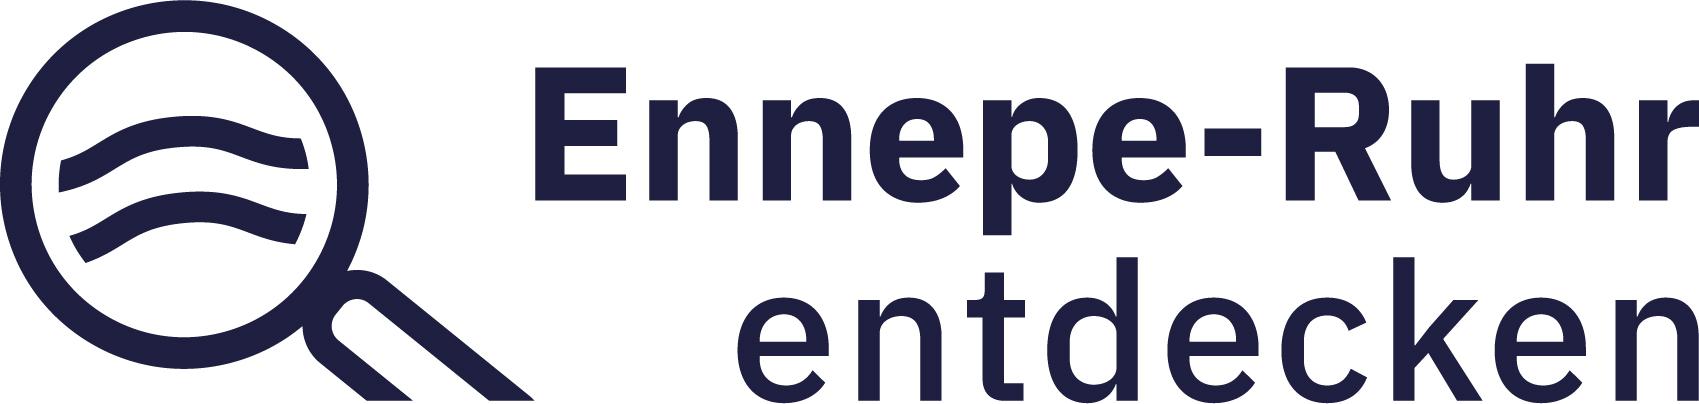 logo-ennepe-ruhr-entdecken